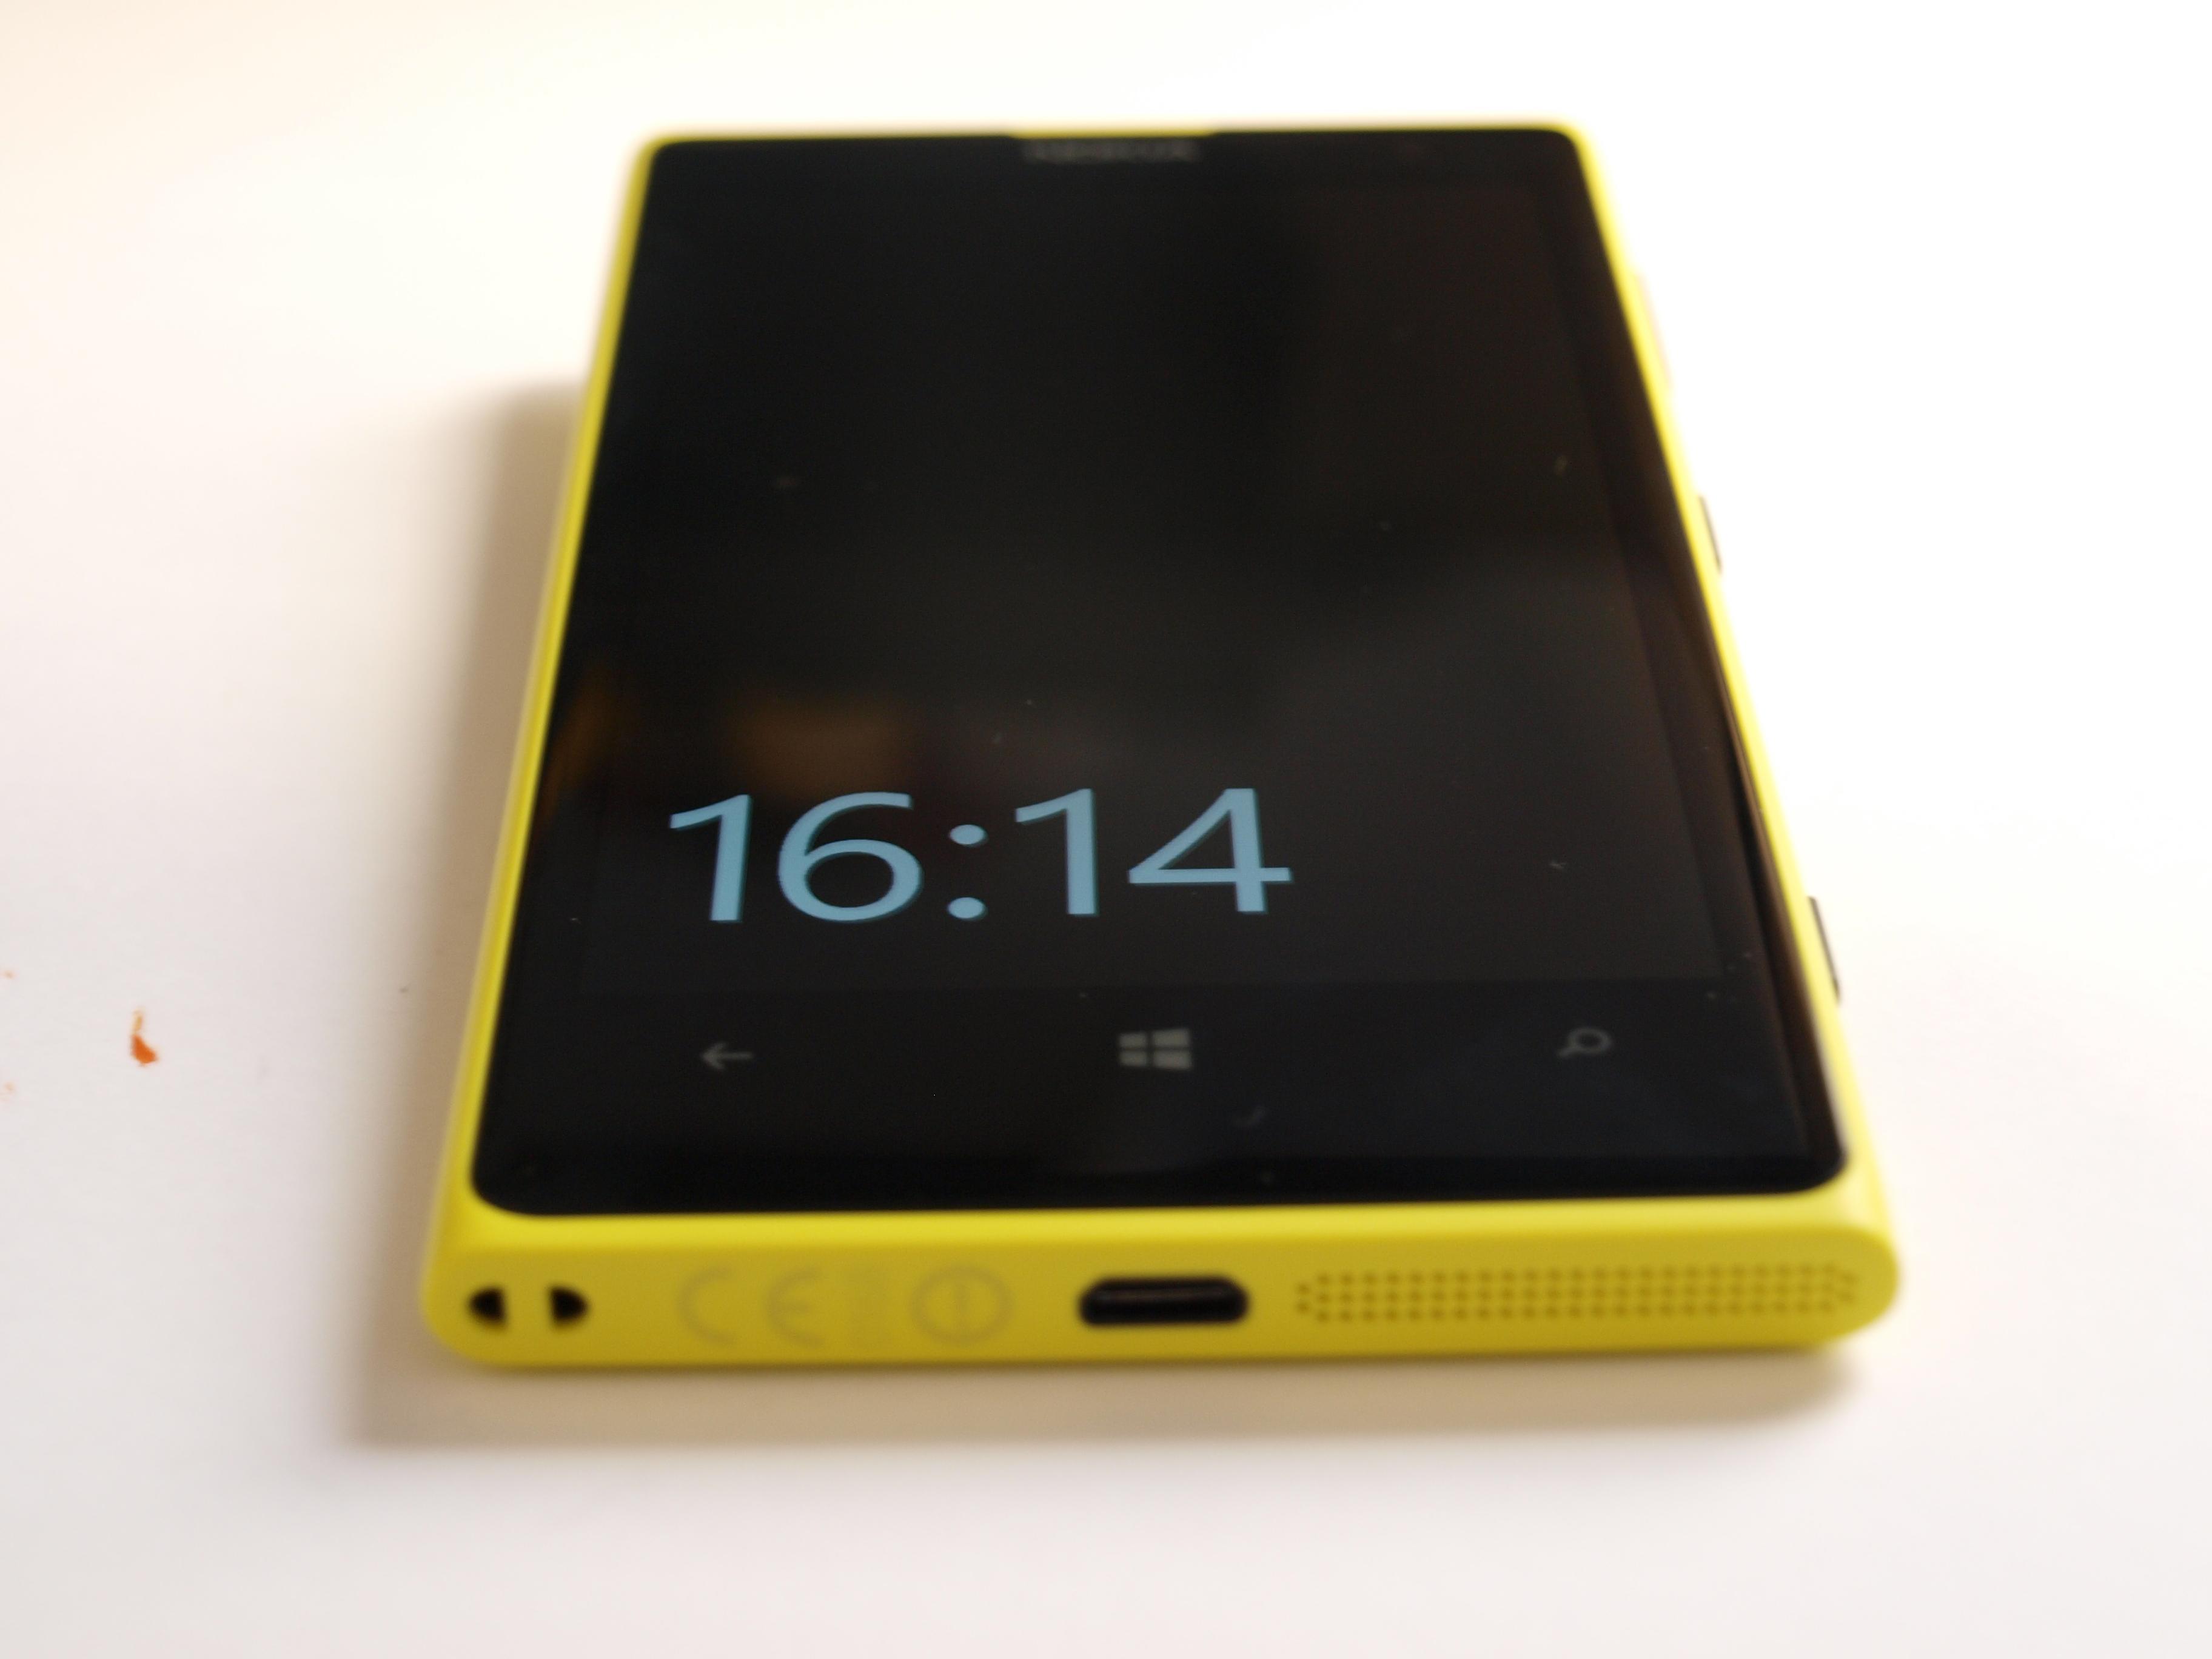 Nokia Lumia 1020 disponibilidad, características y precio en España